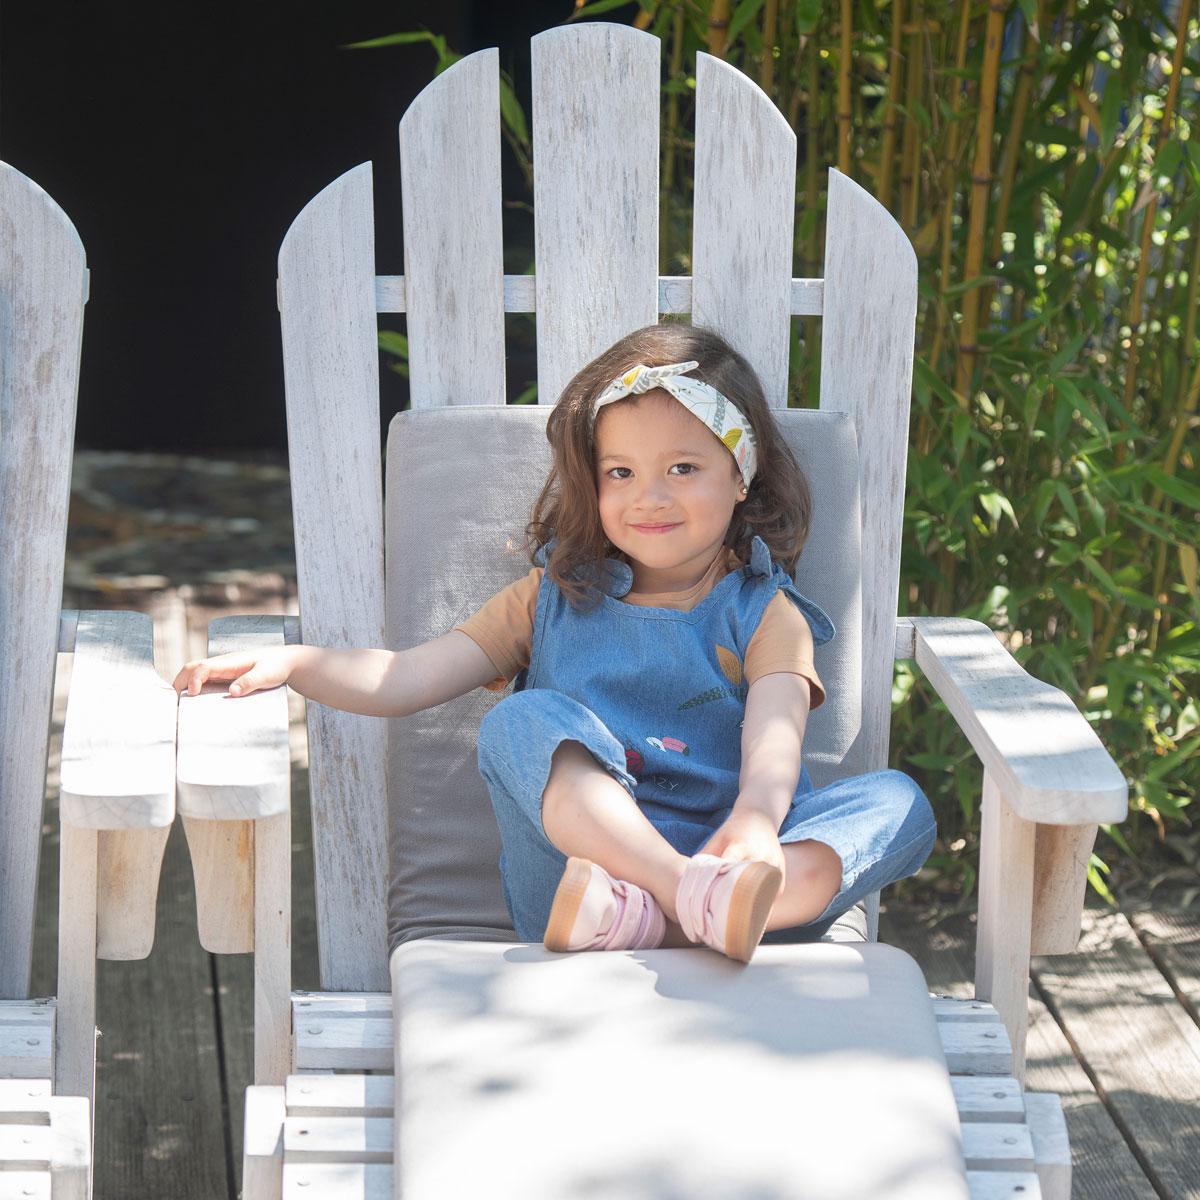 Salopette et bandeau bébé fille contenant du coton bio Crazy Colibri porté assis